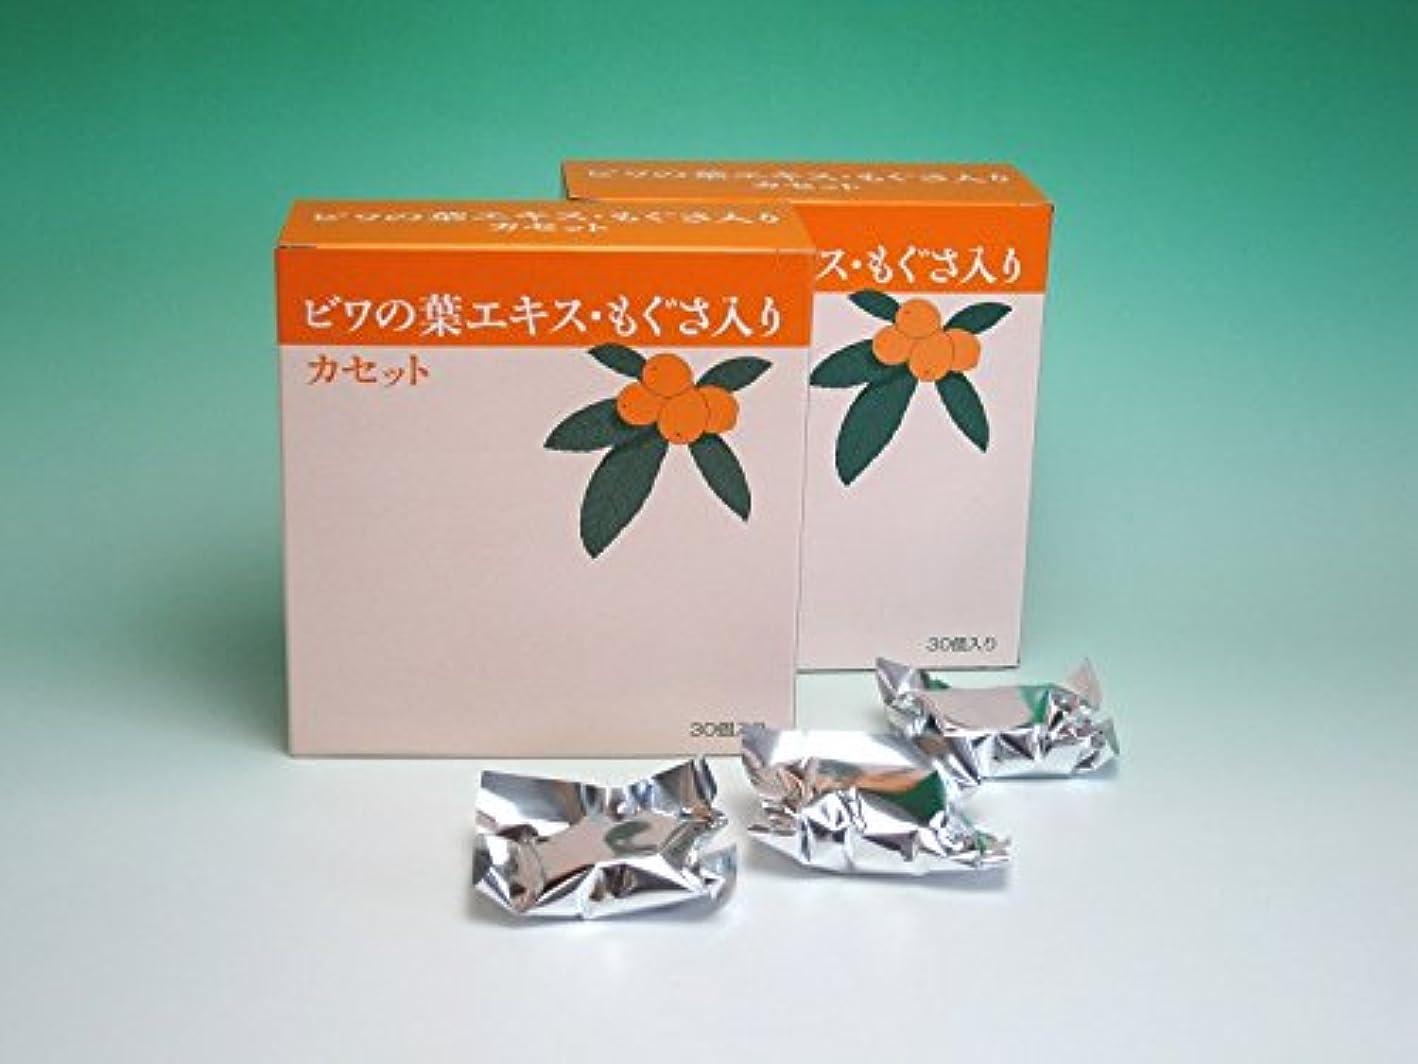 スティーブンソン無駄バース枇杷葉温灸器?ユーフォリアQ専用「枇杷葉エキス?もぐさ入りカセット(30個入)」2箱セット+3個おまけ付き